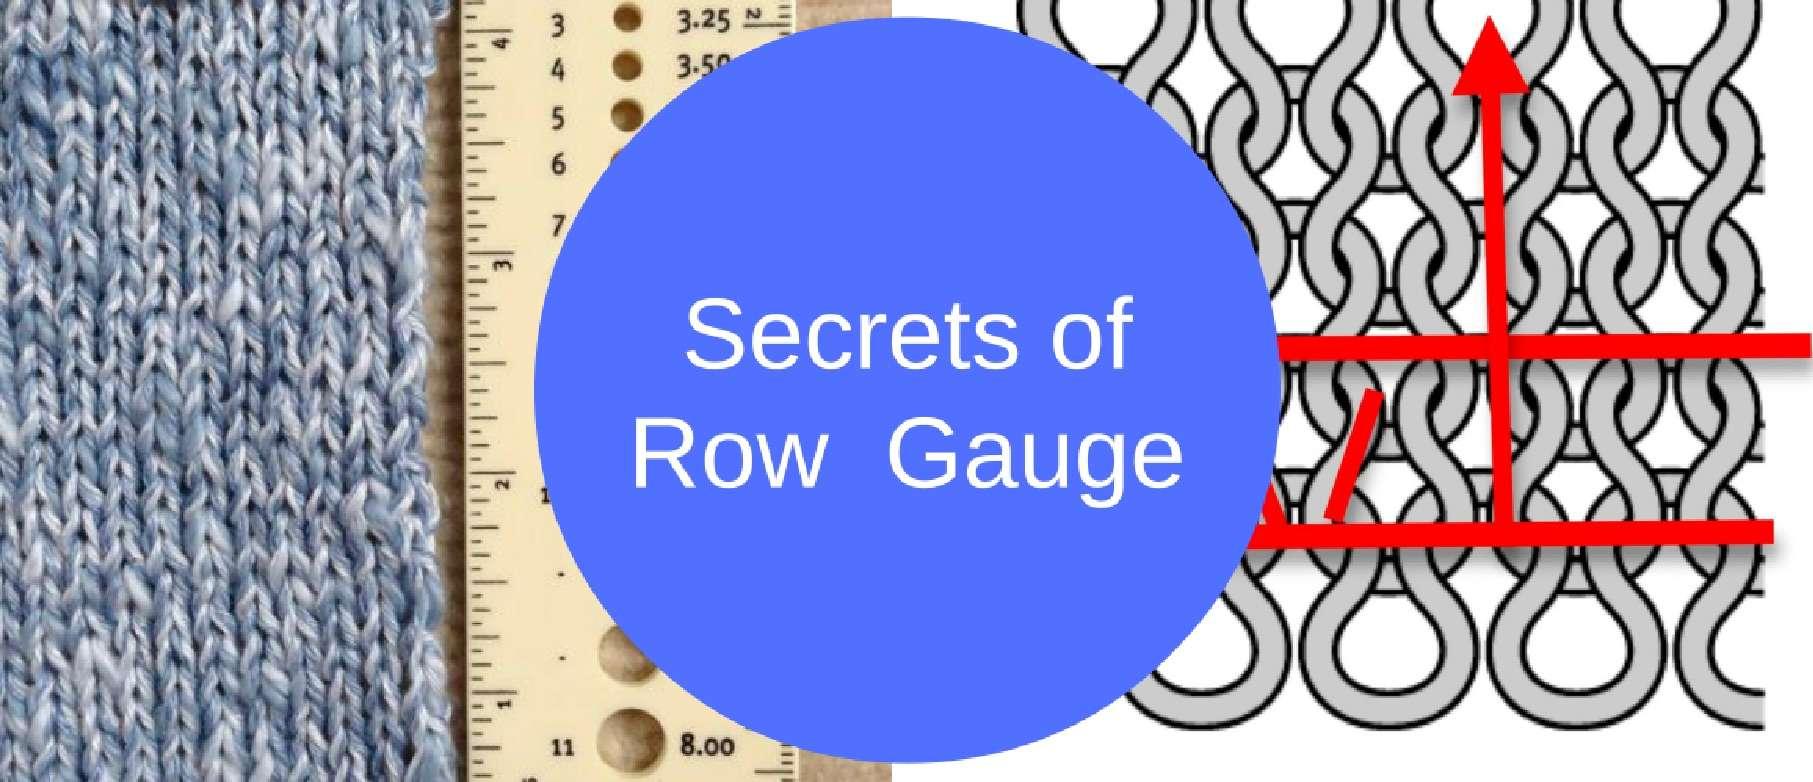 5 secrets of row gauge